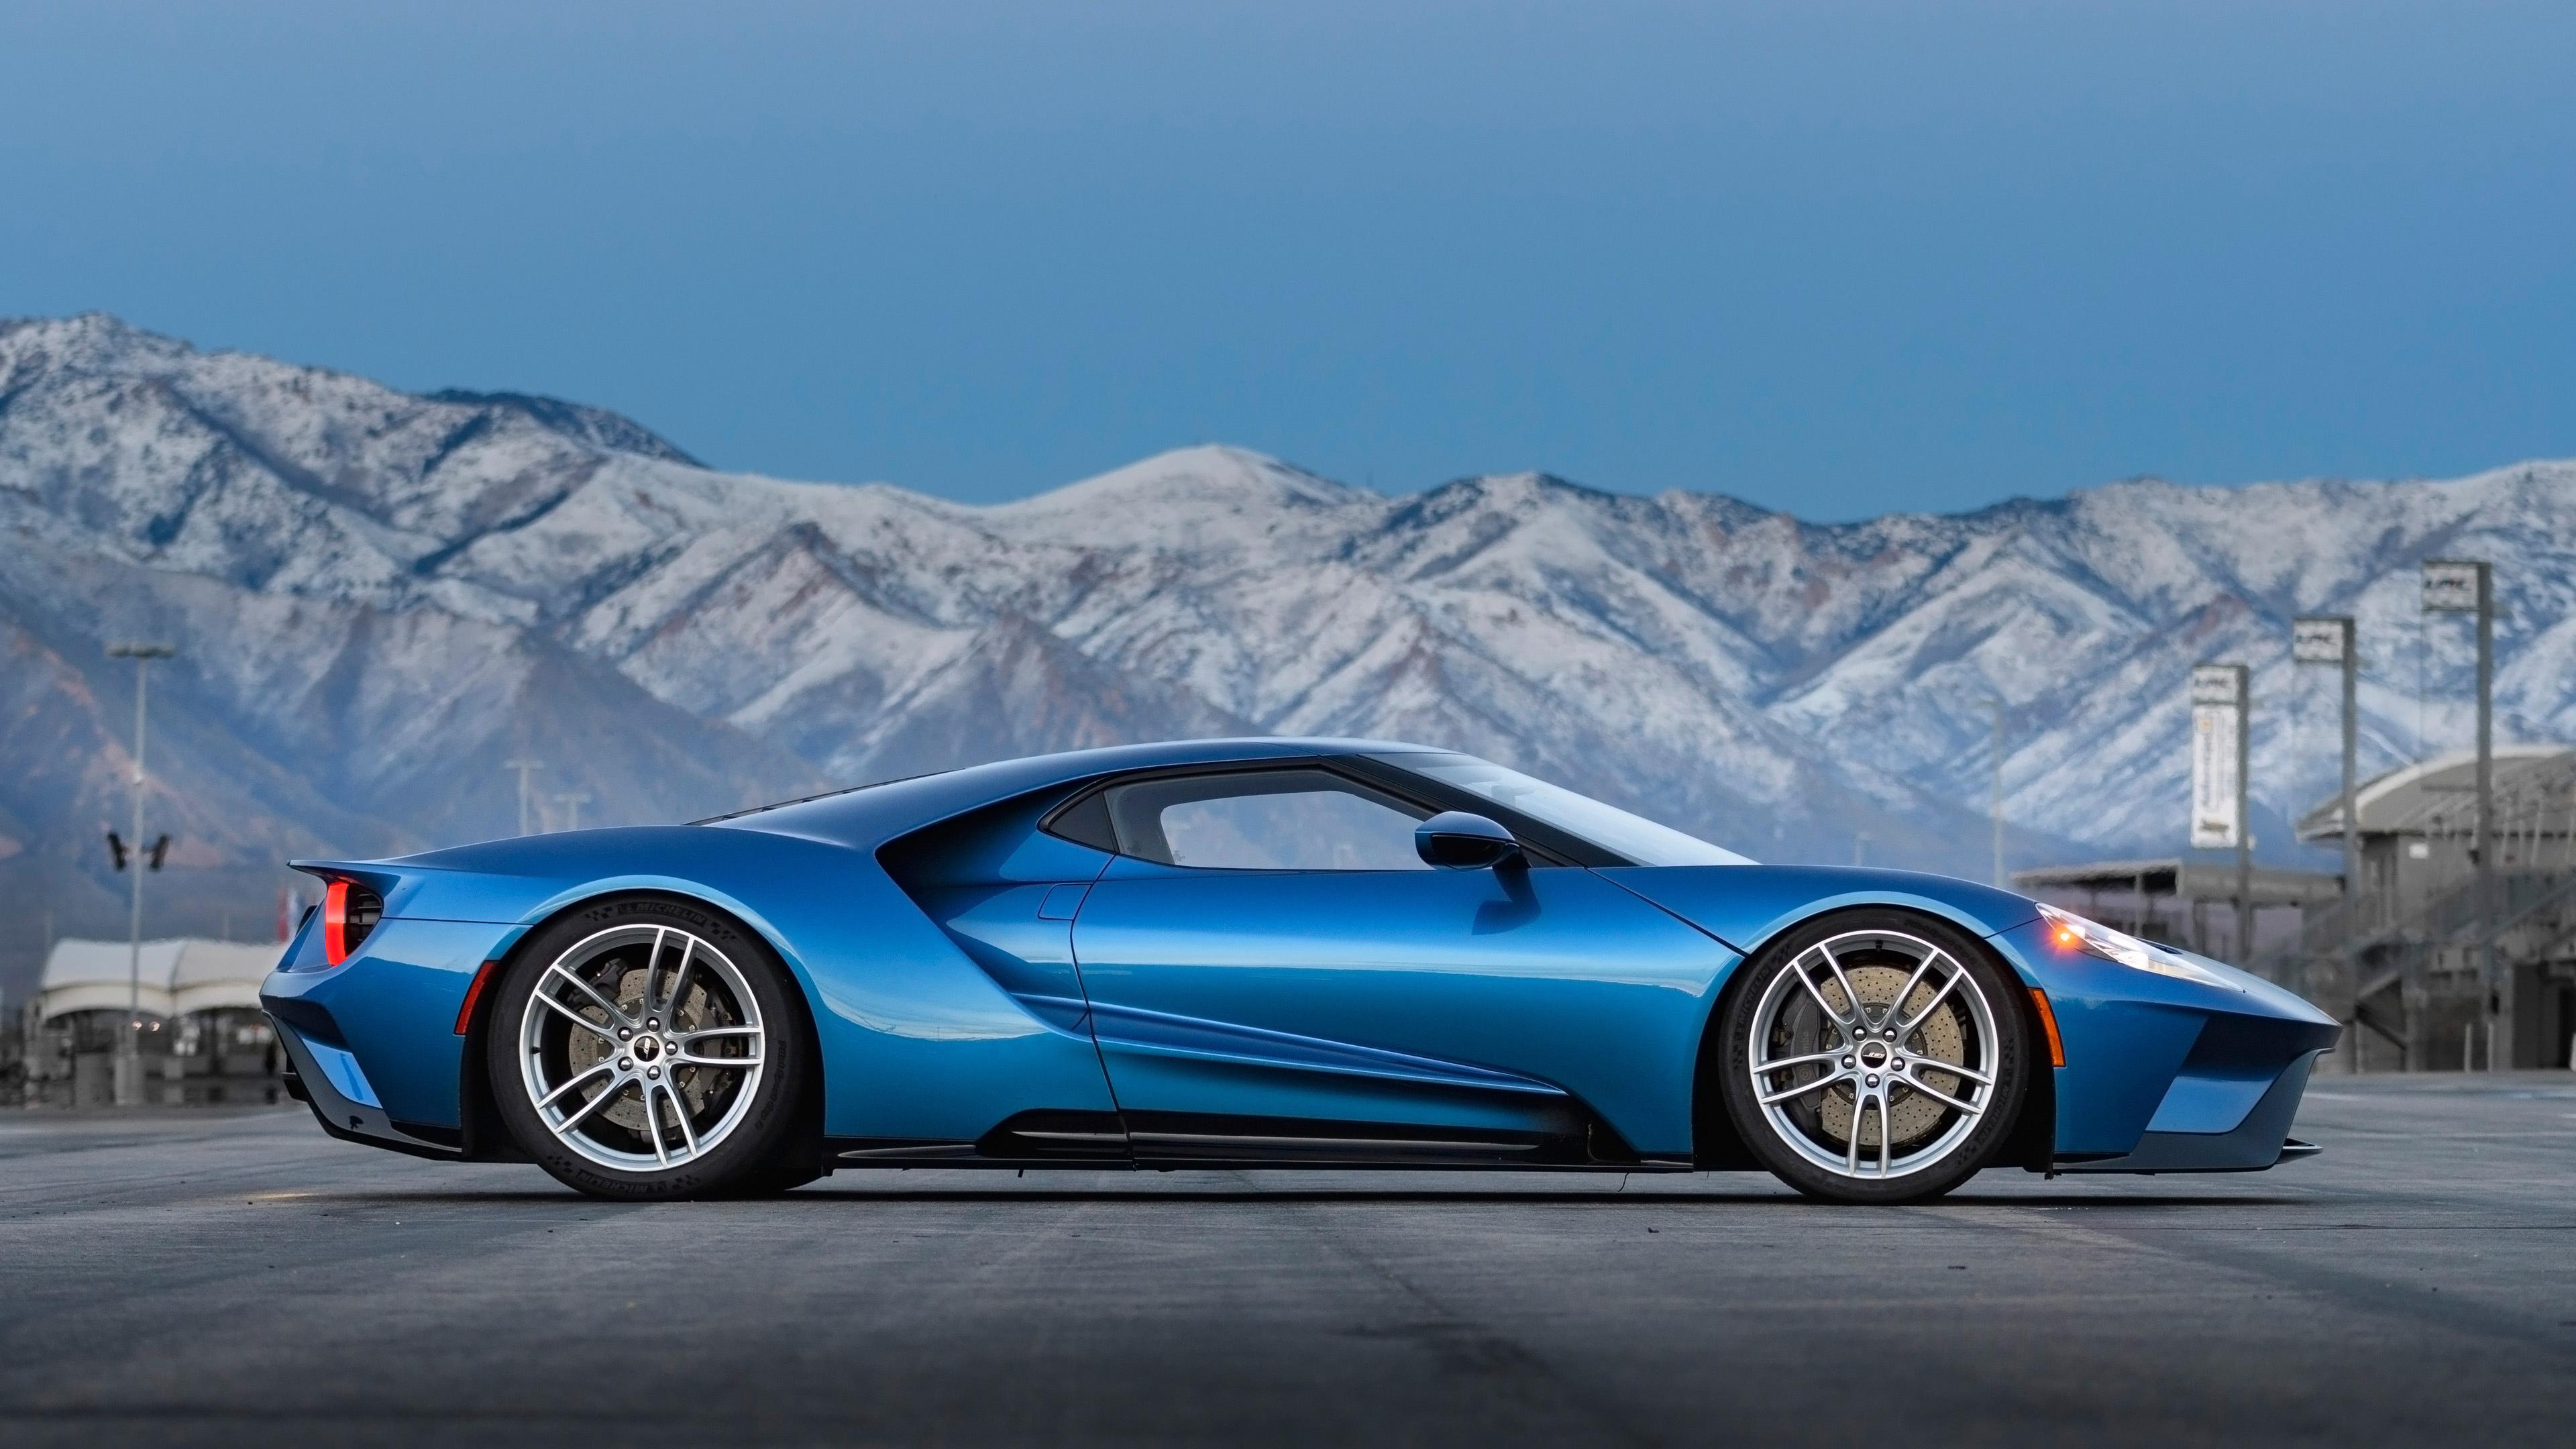 Синий спортивный дизайнерский автомобиль на фоне снежных вершин